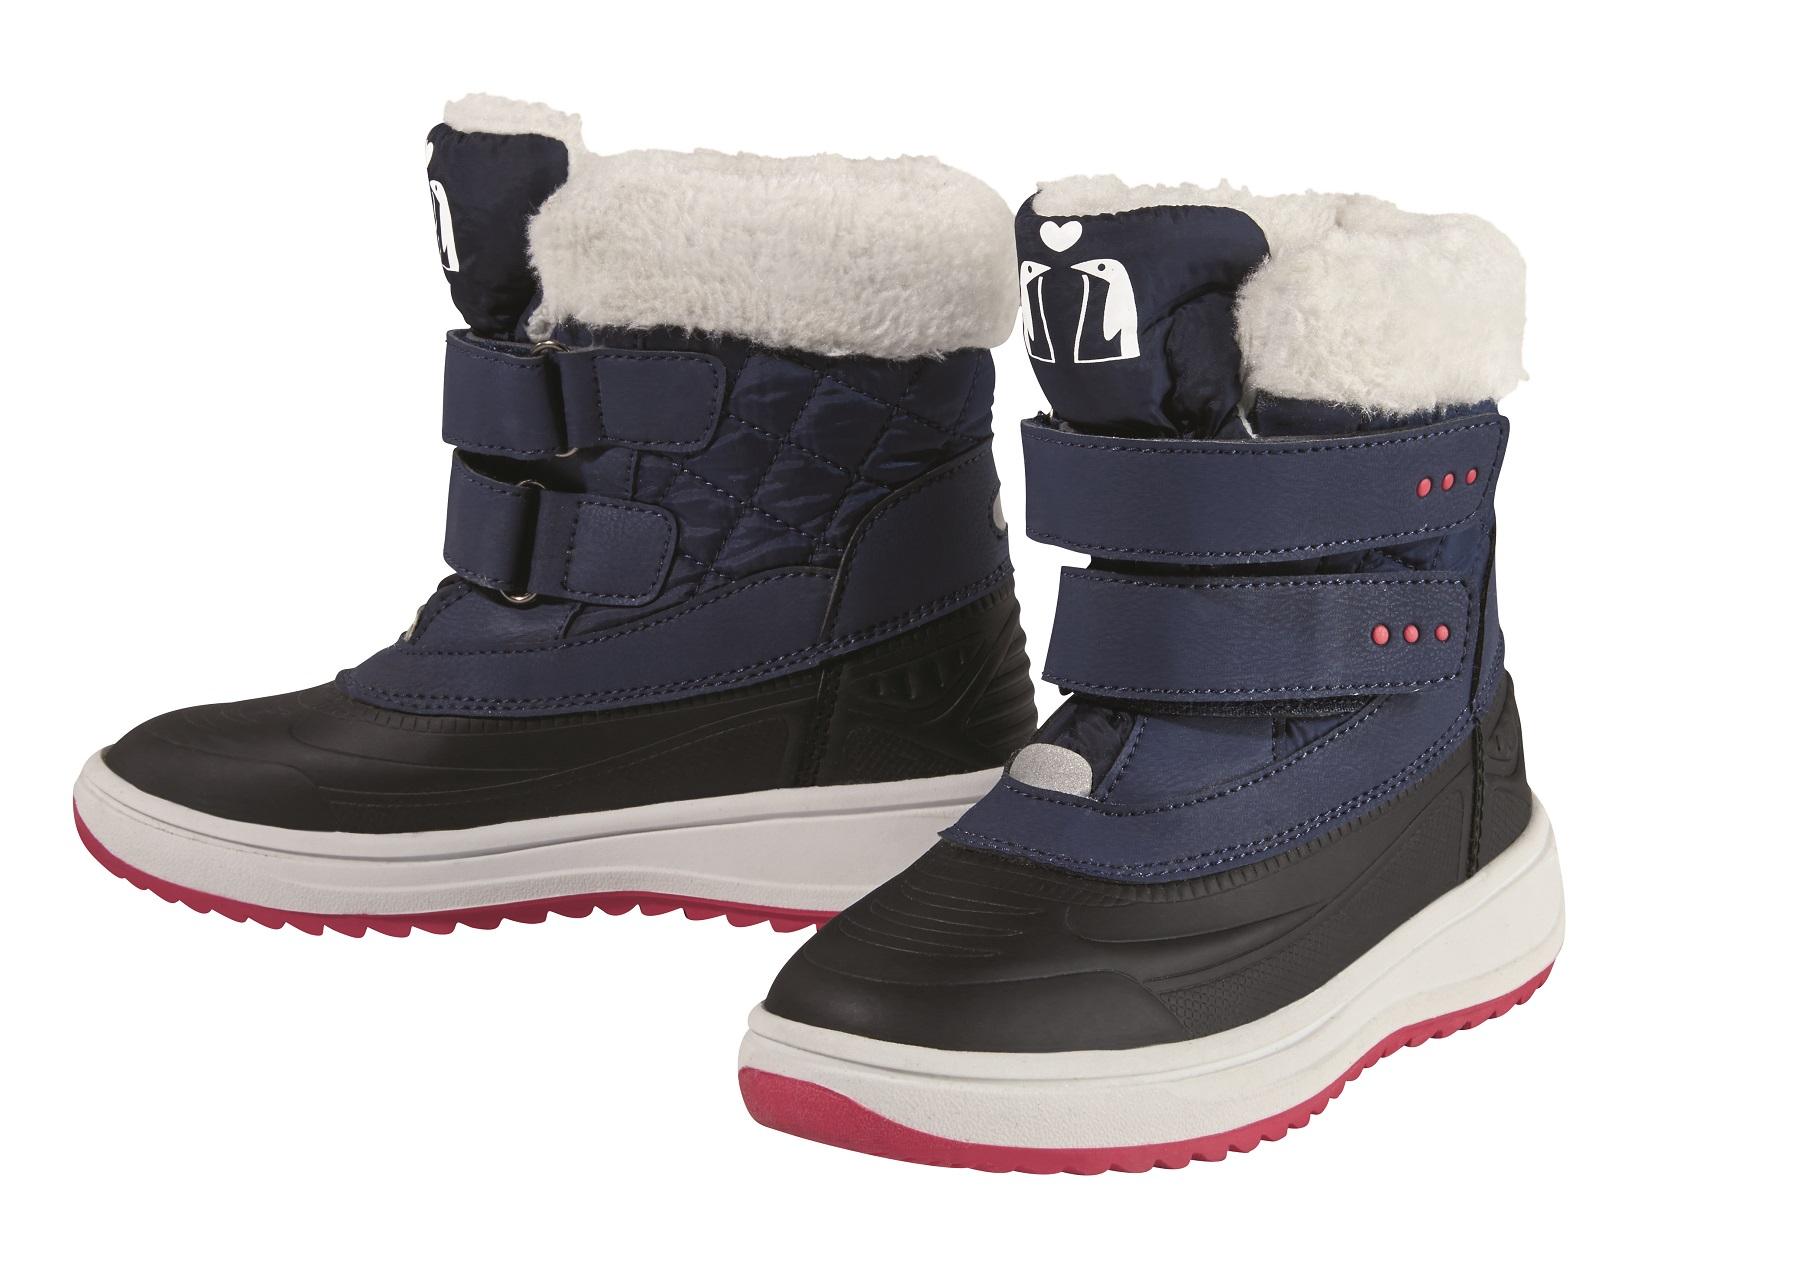 Girls - Kids' Winter Boots £9.99 (2).JPG